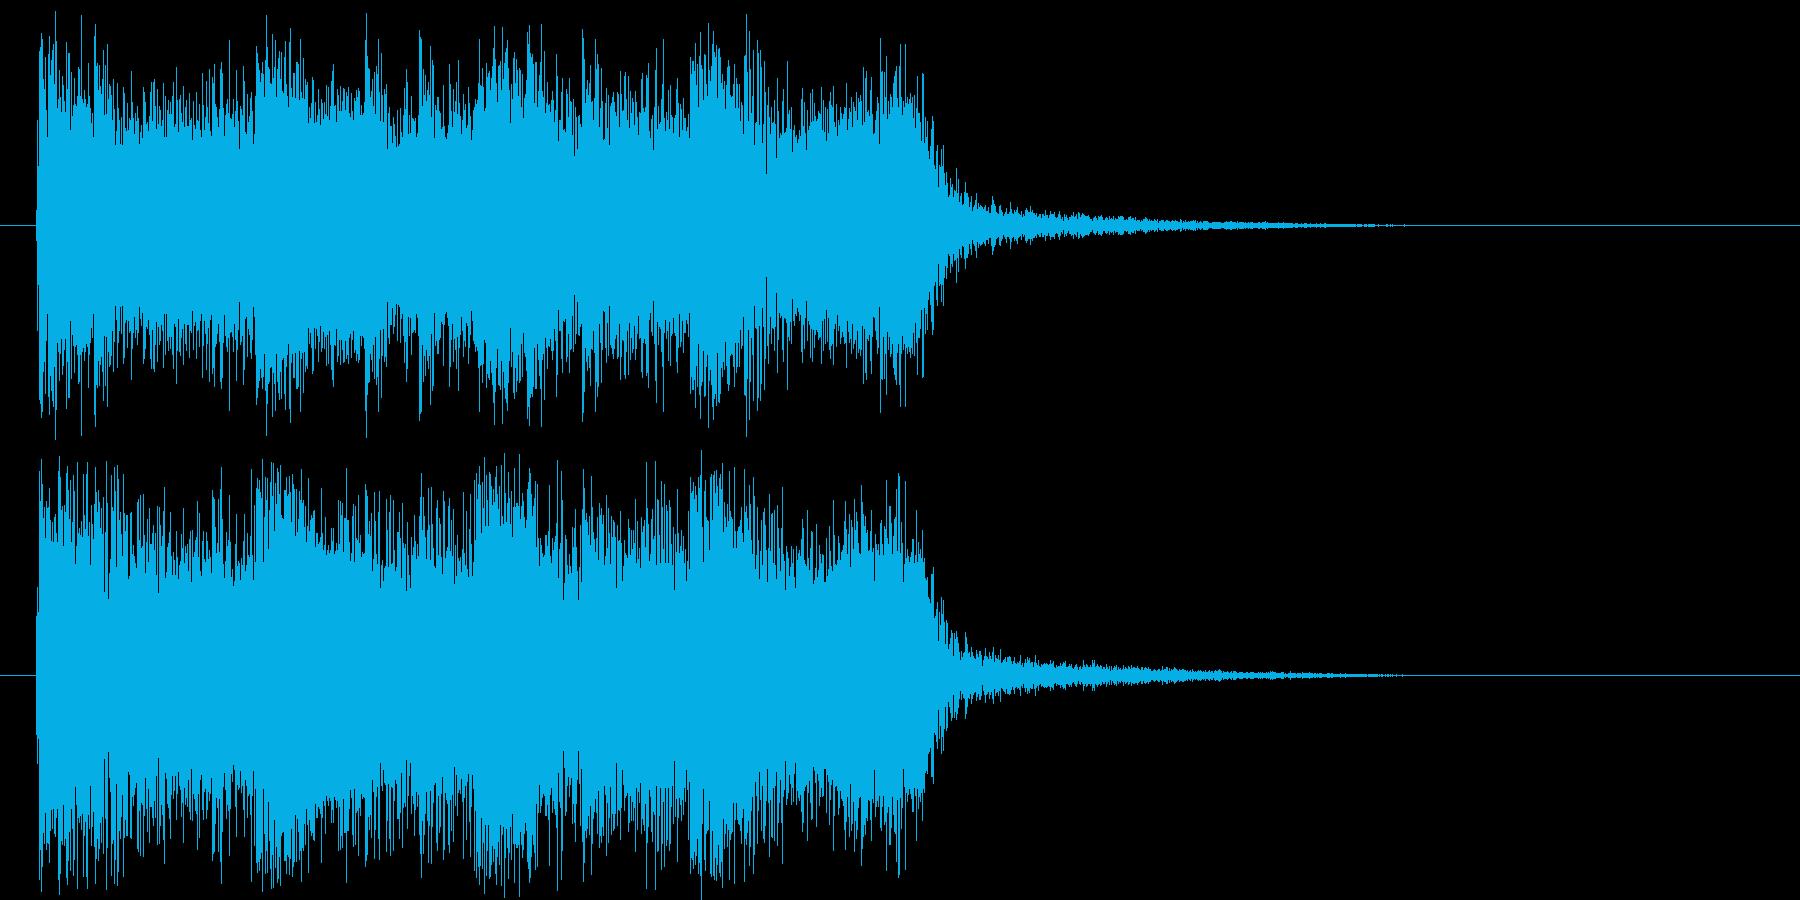 気迫のあるジングル曲の再生済みの波形